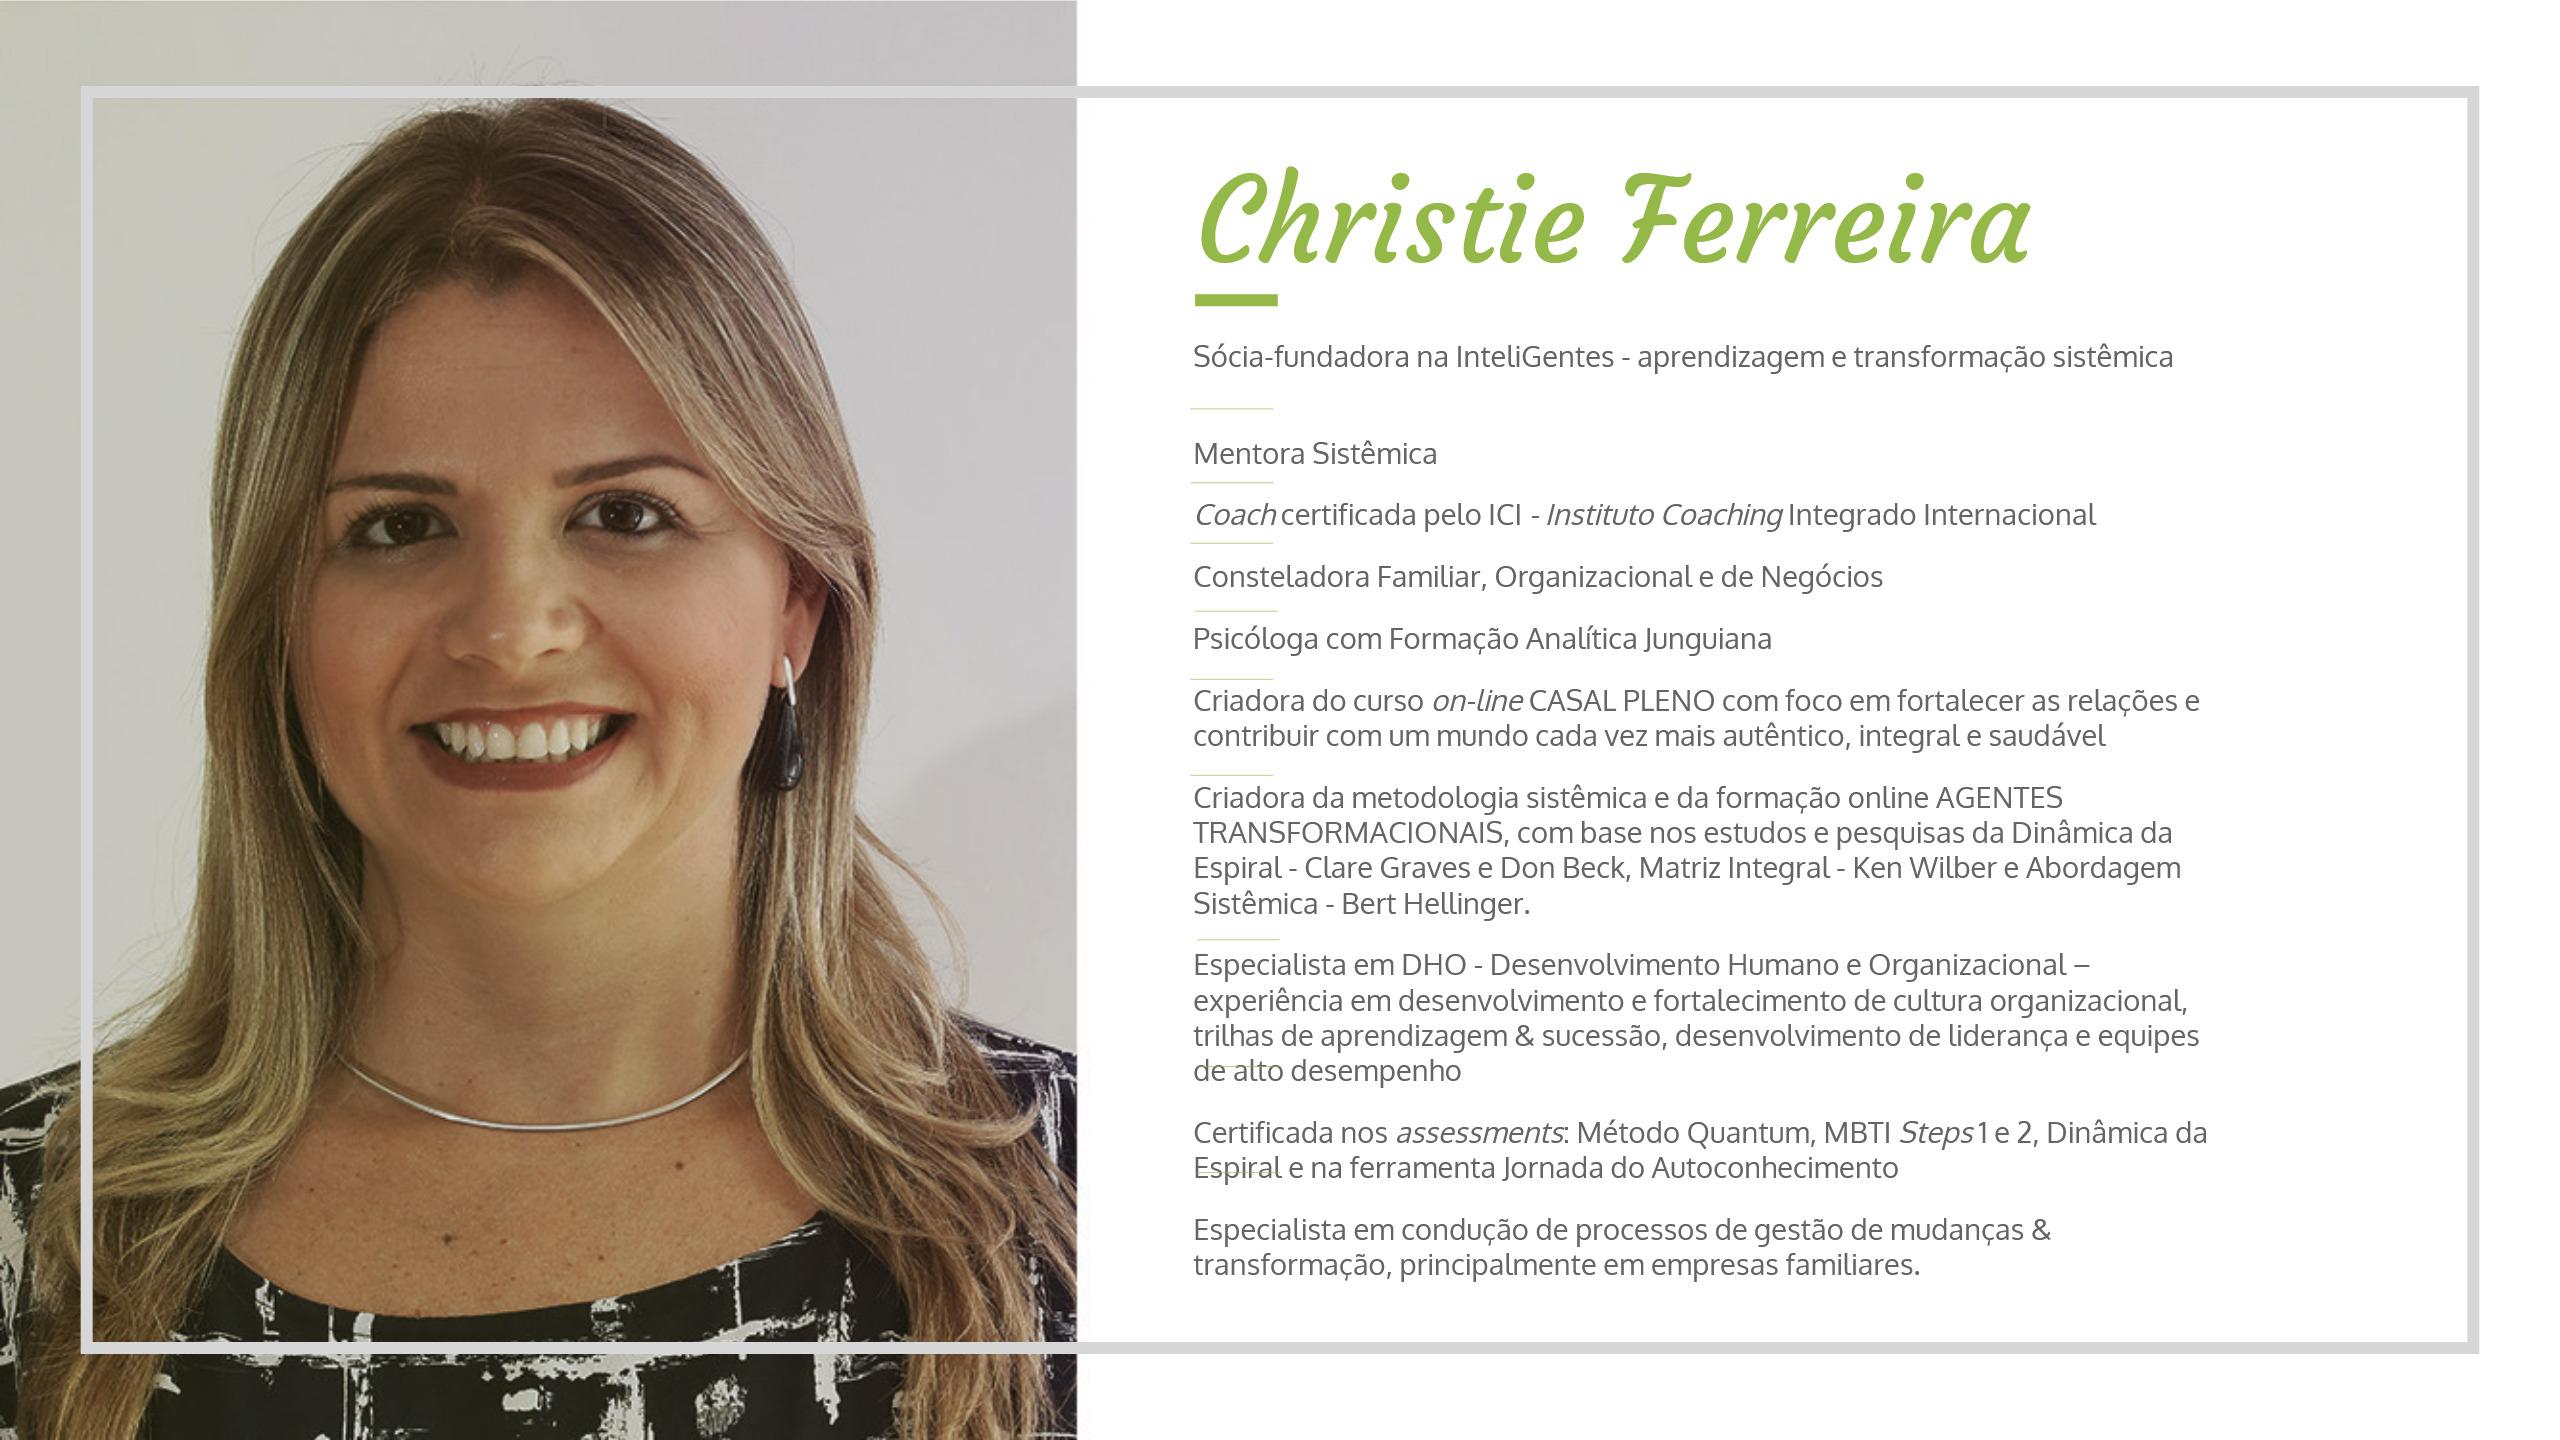 ChristieFerreira